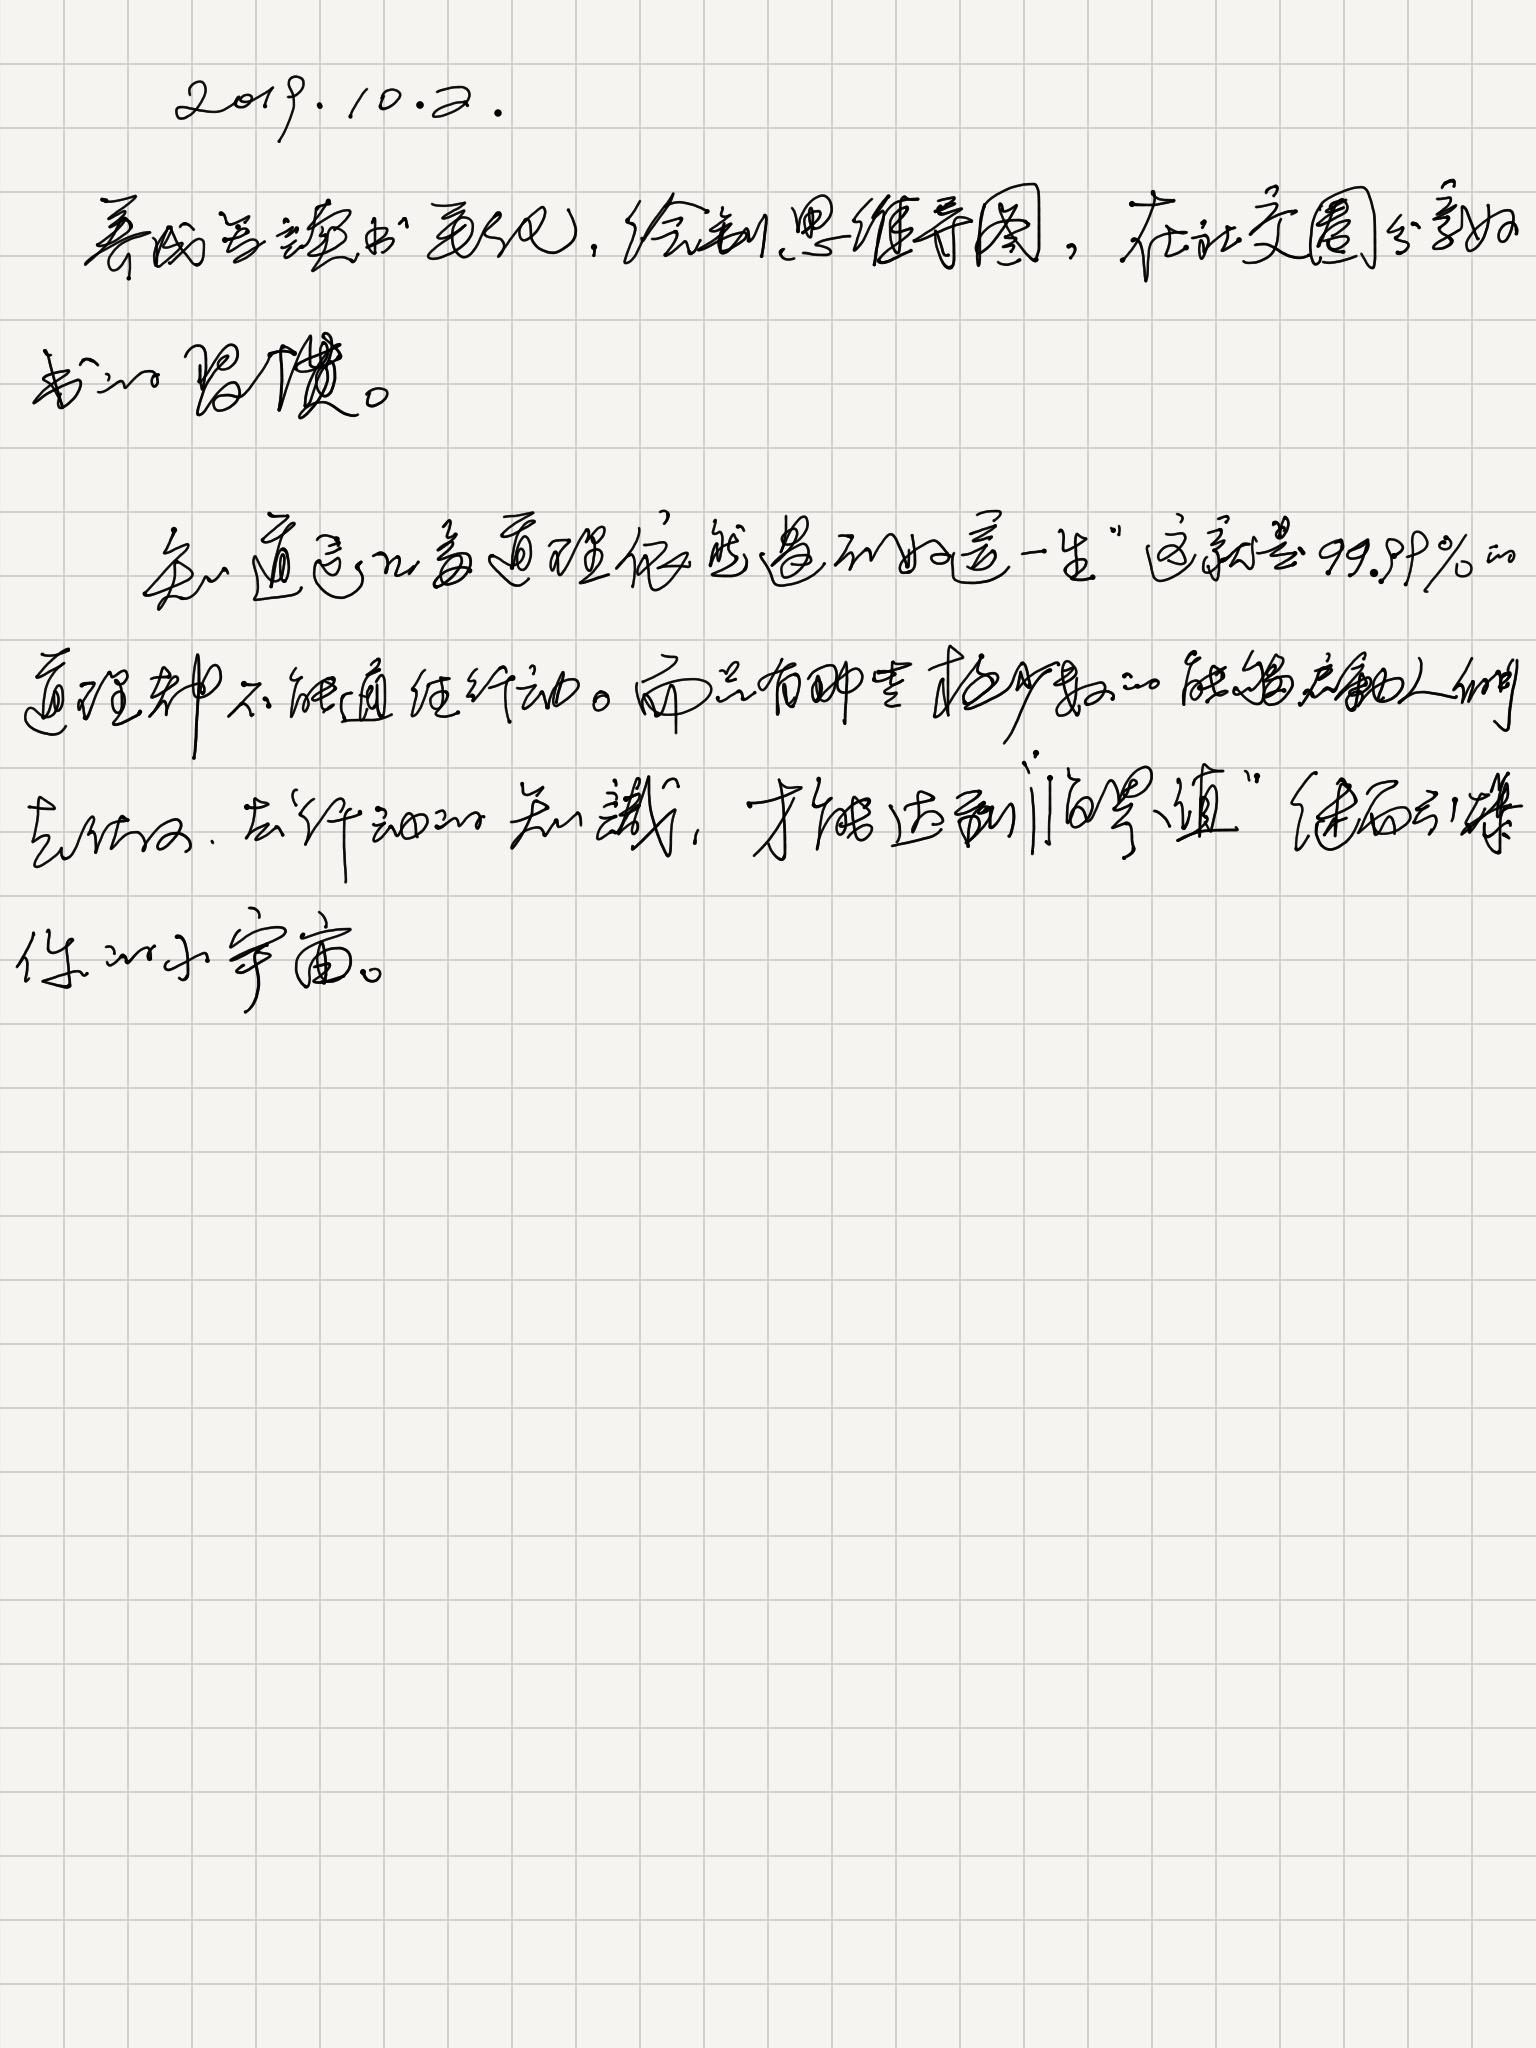 IMG_30CBFE8E951D-1.JPG